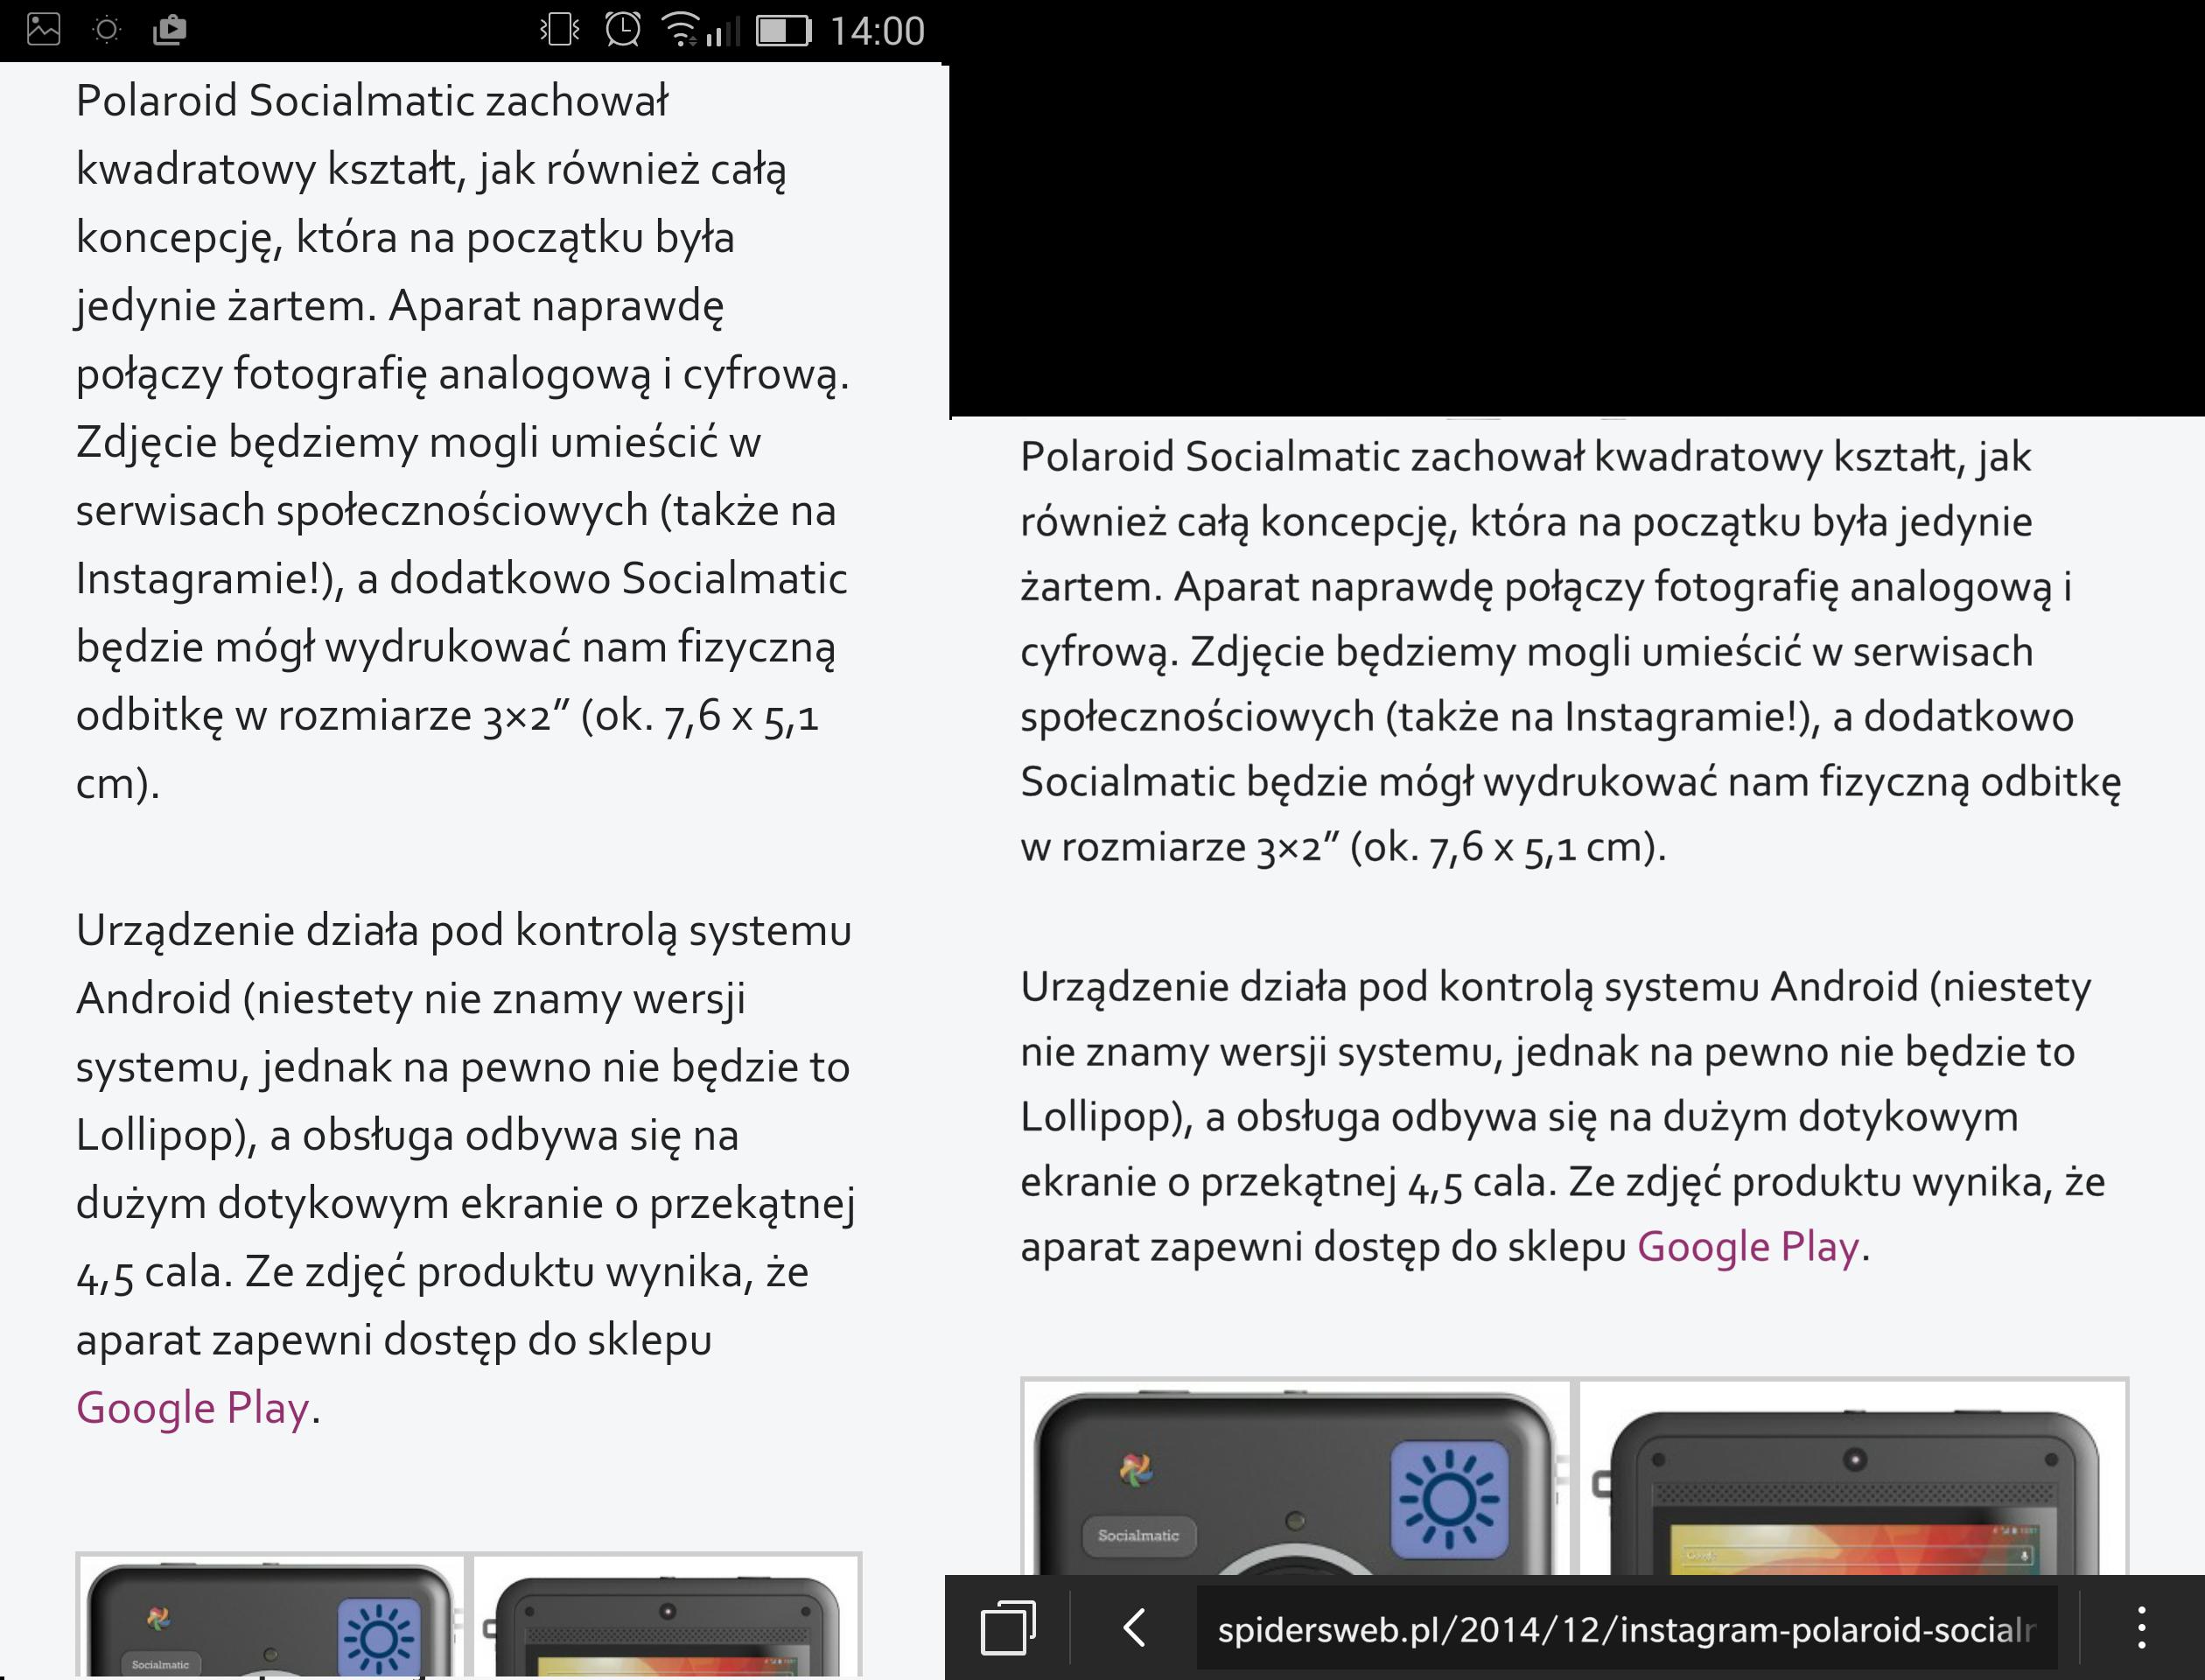 W obydwu urządzeniach rozmiar tekstu ustawiony tak, by dało się wygodnie czytać